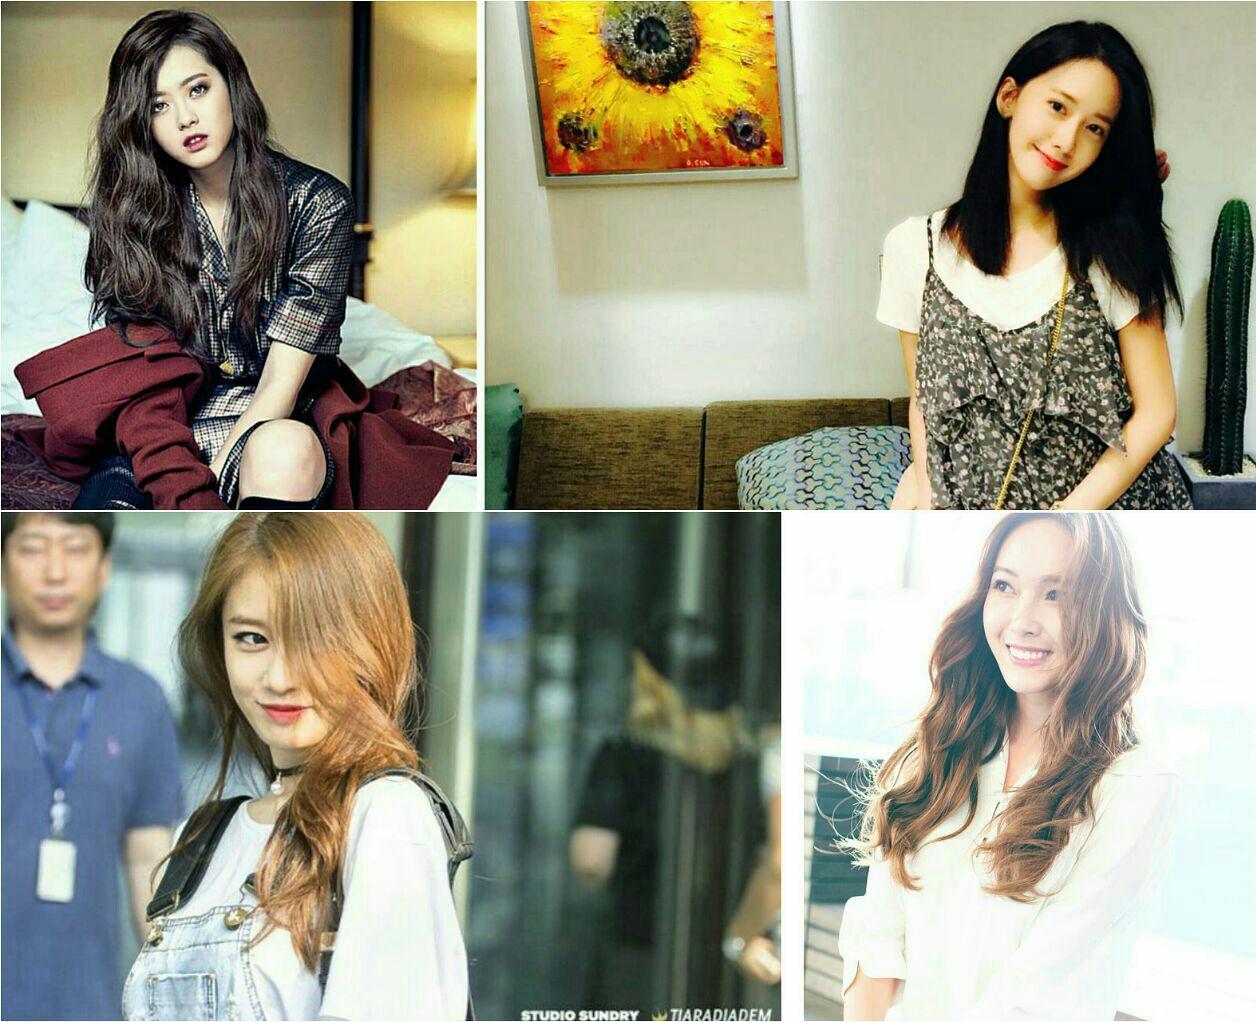 در لیست 50 زن زیبای دنیا    اسم چهار ایدل معروف کره ای هم برده شده